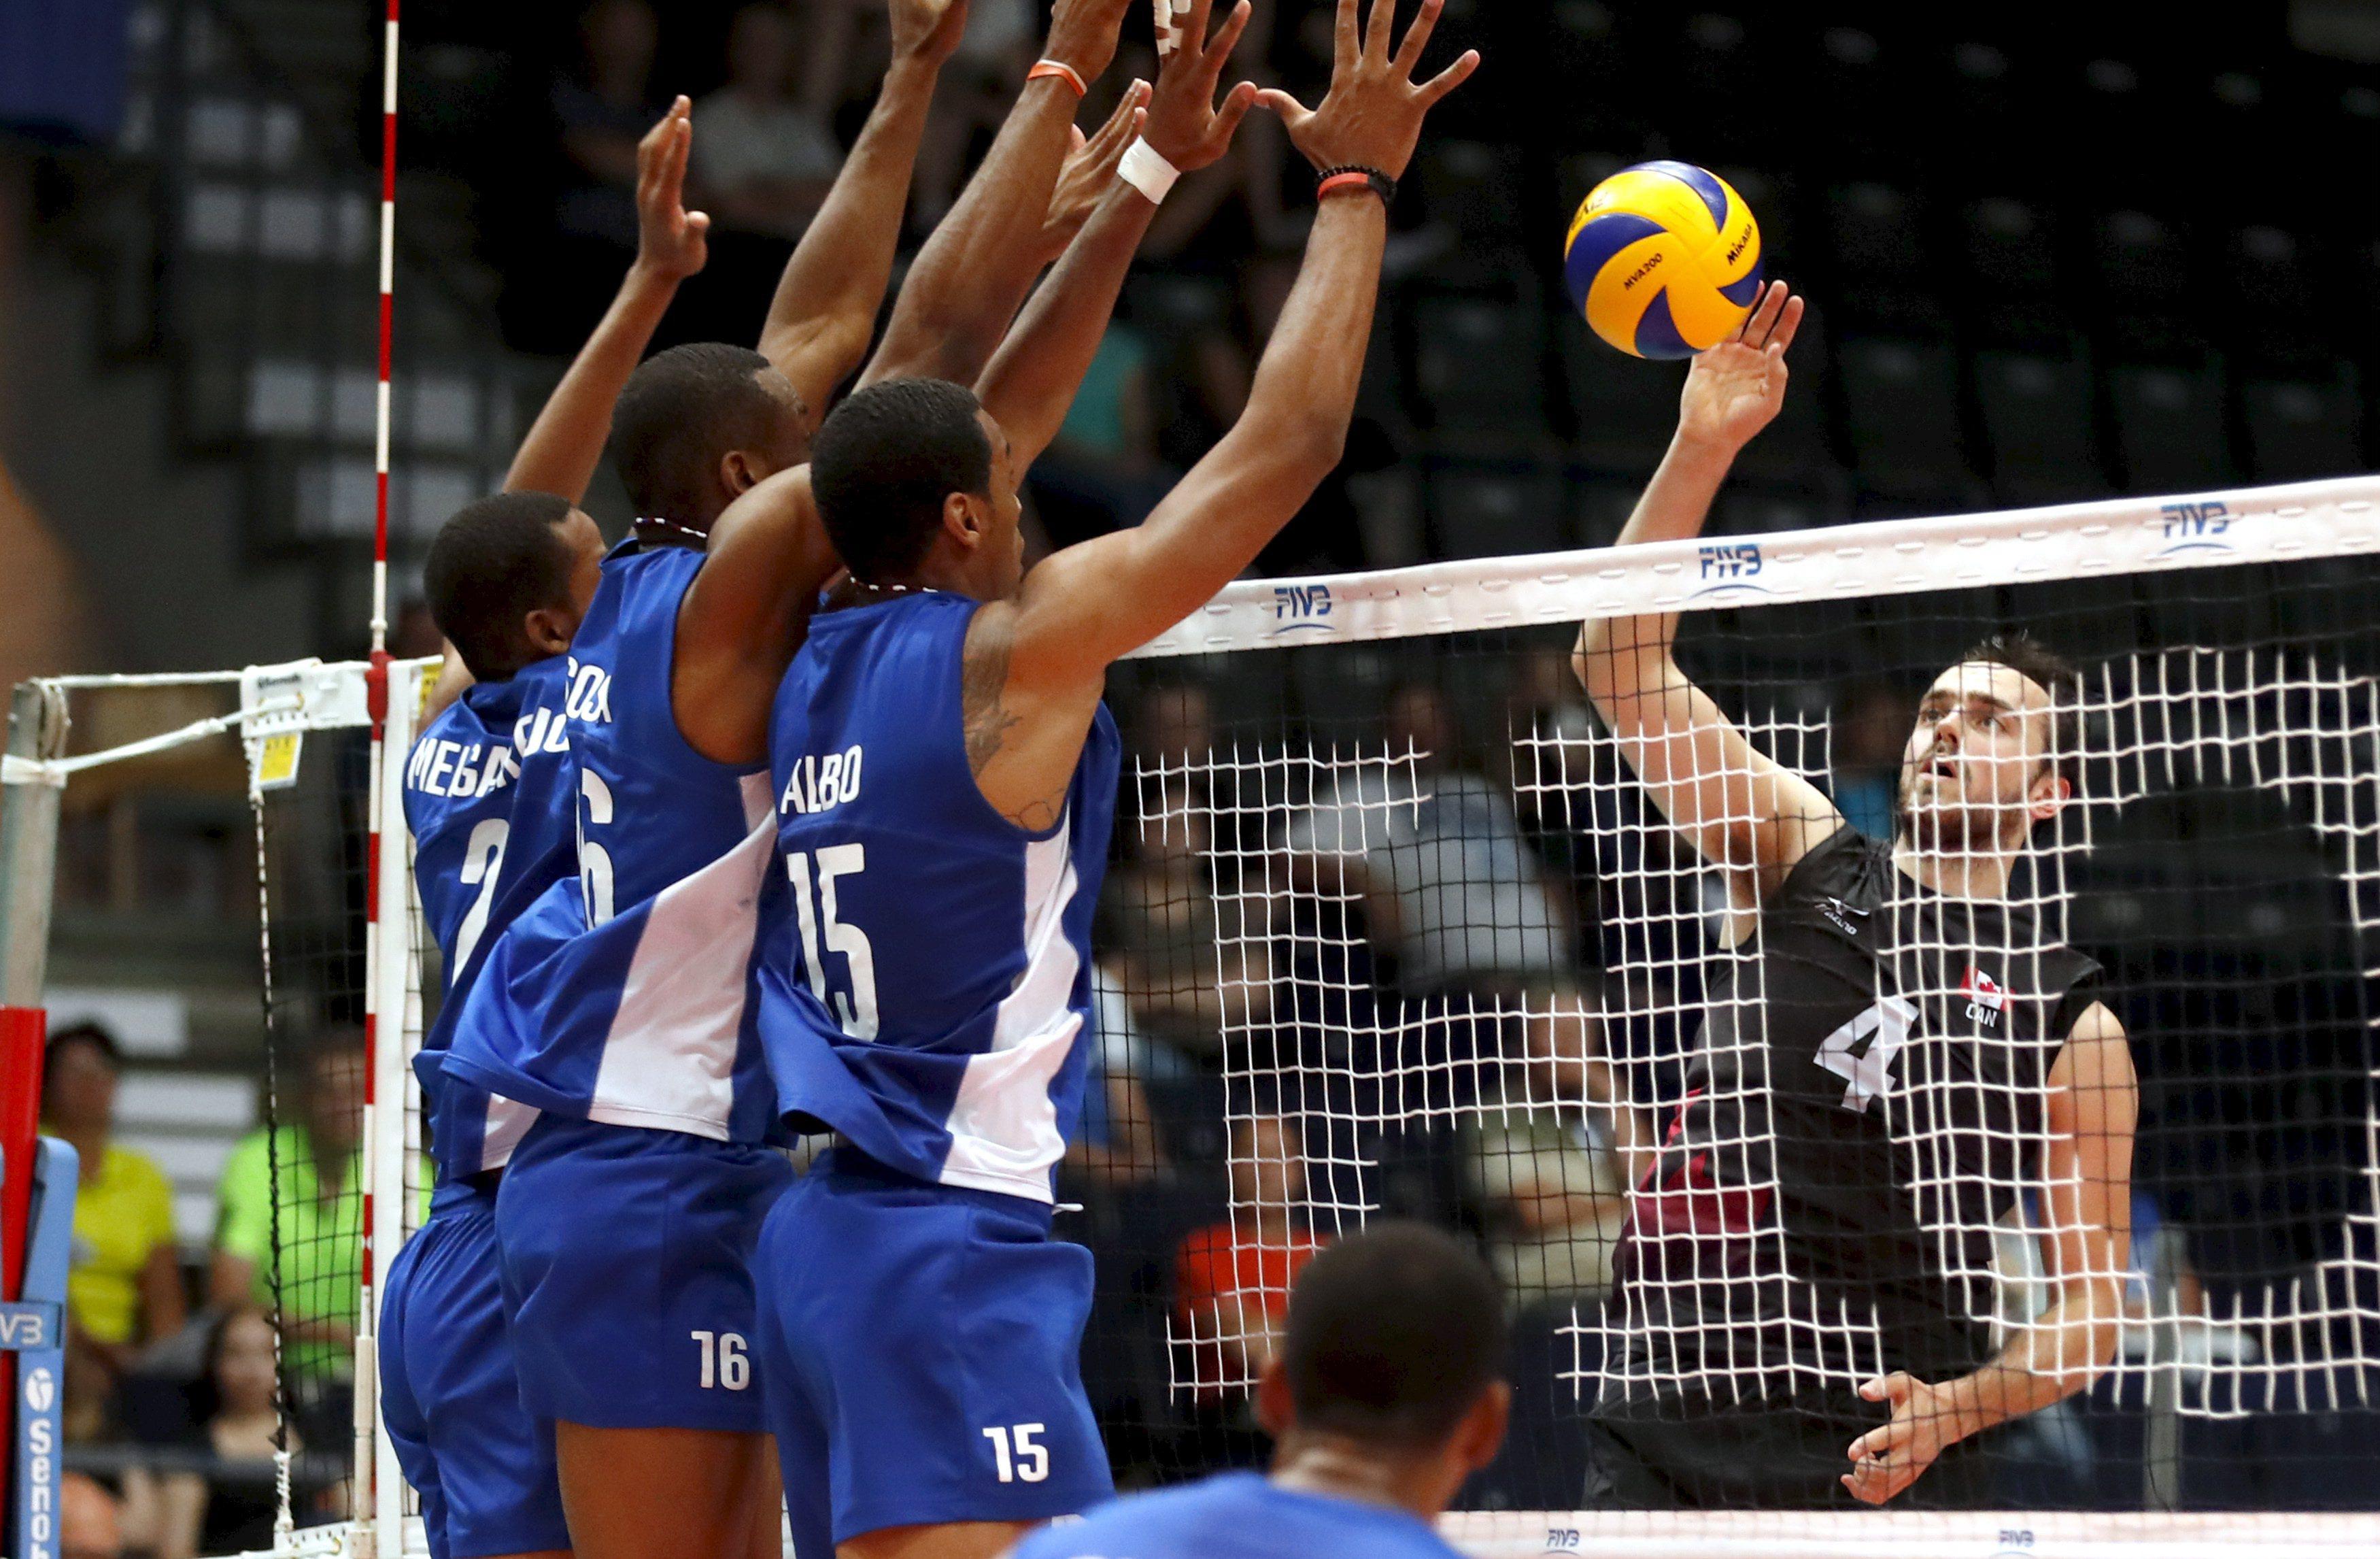 Voleibol: Cuba avança para as meias-finais da Volleyball Challenger Cup